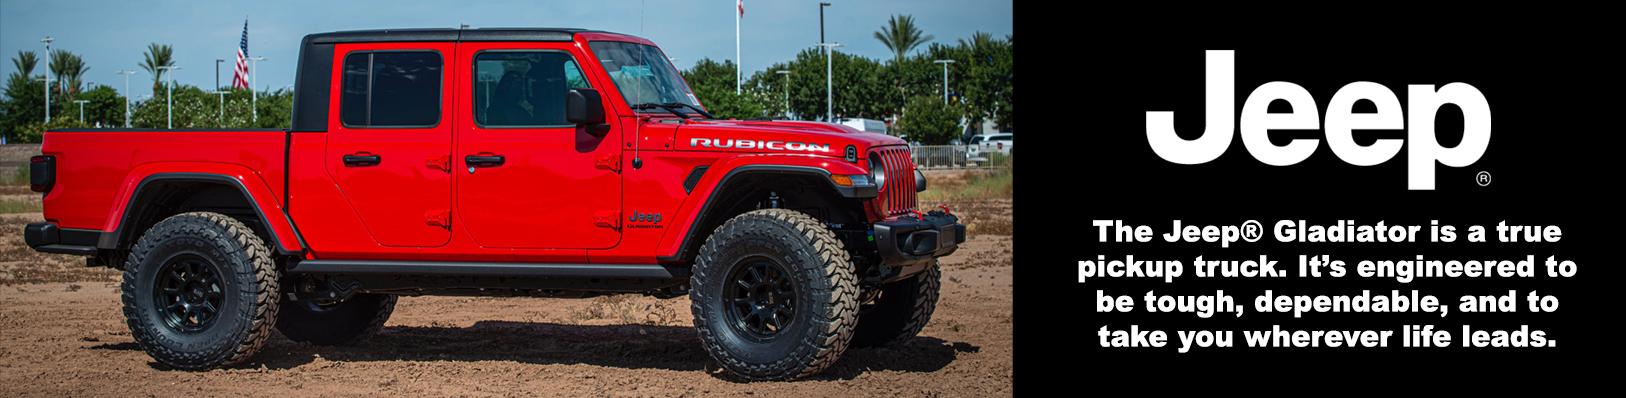 Jeep Gladiator 2019